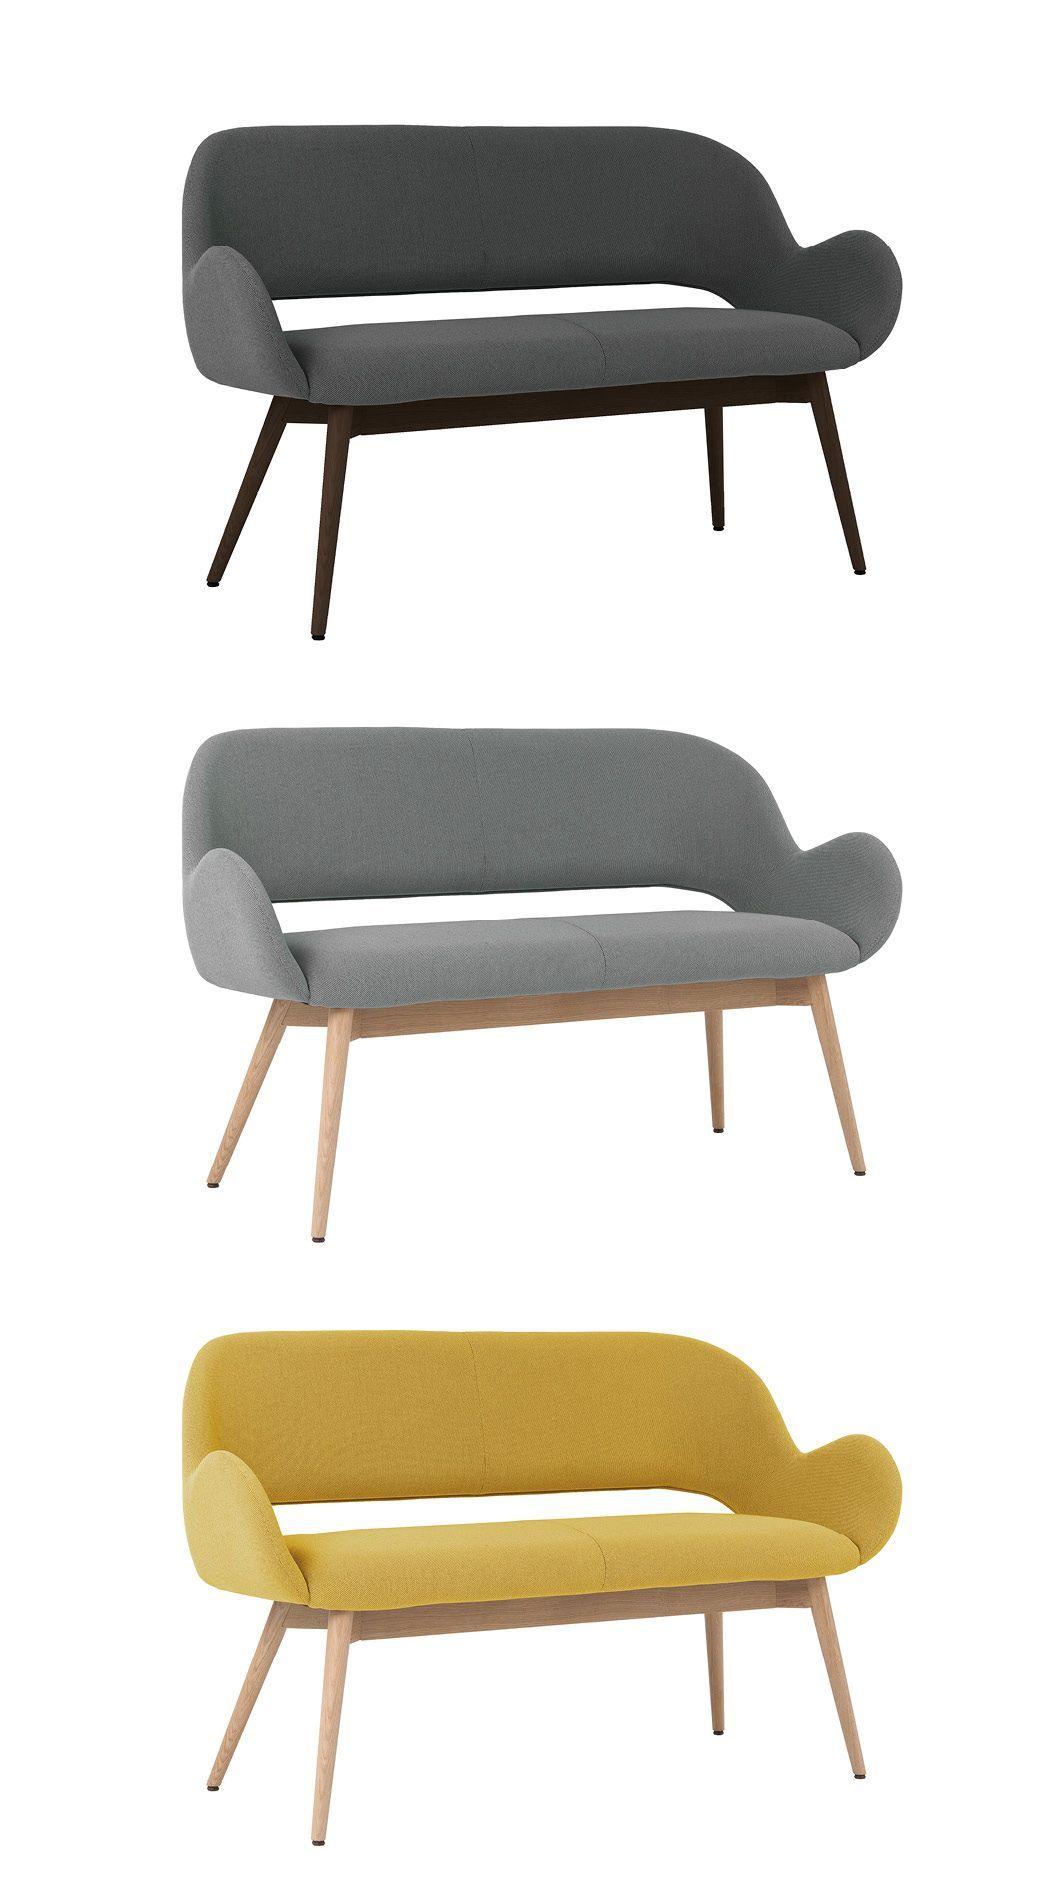 Juna Couch Sofa Canape Design Schnieder Mit Dem Charme Einnehmender Gemutlichkeit Wenn Design Nicht Nur Das Auge Uberrascht Couch Sofa